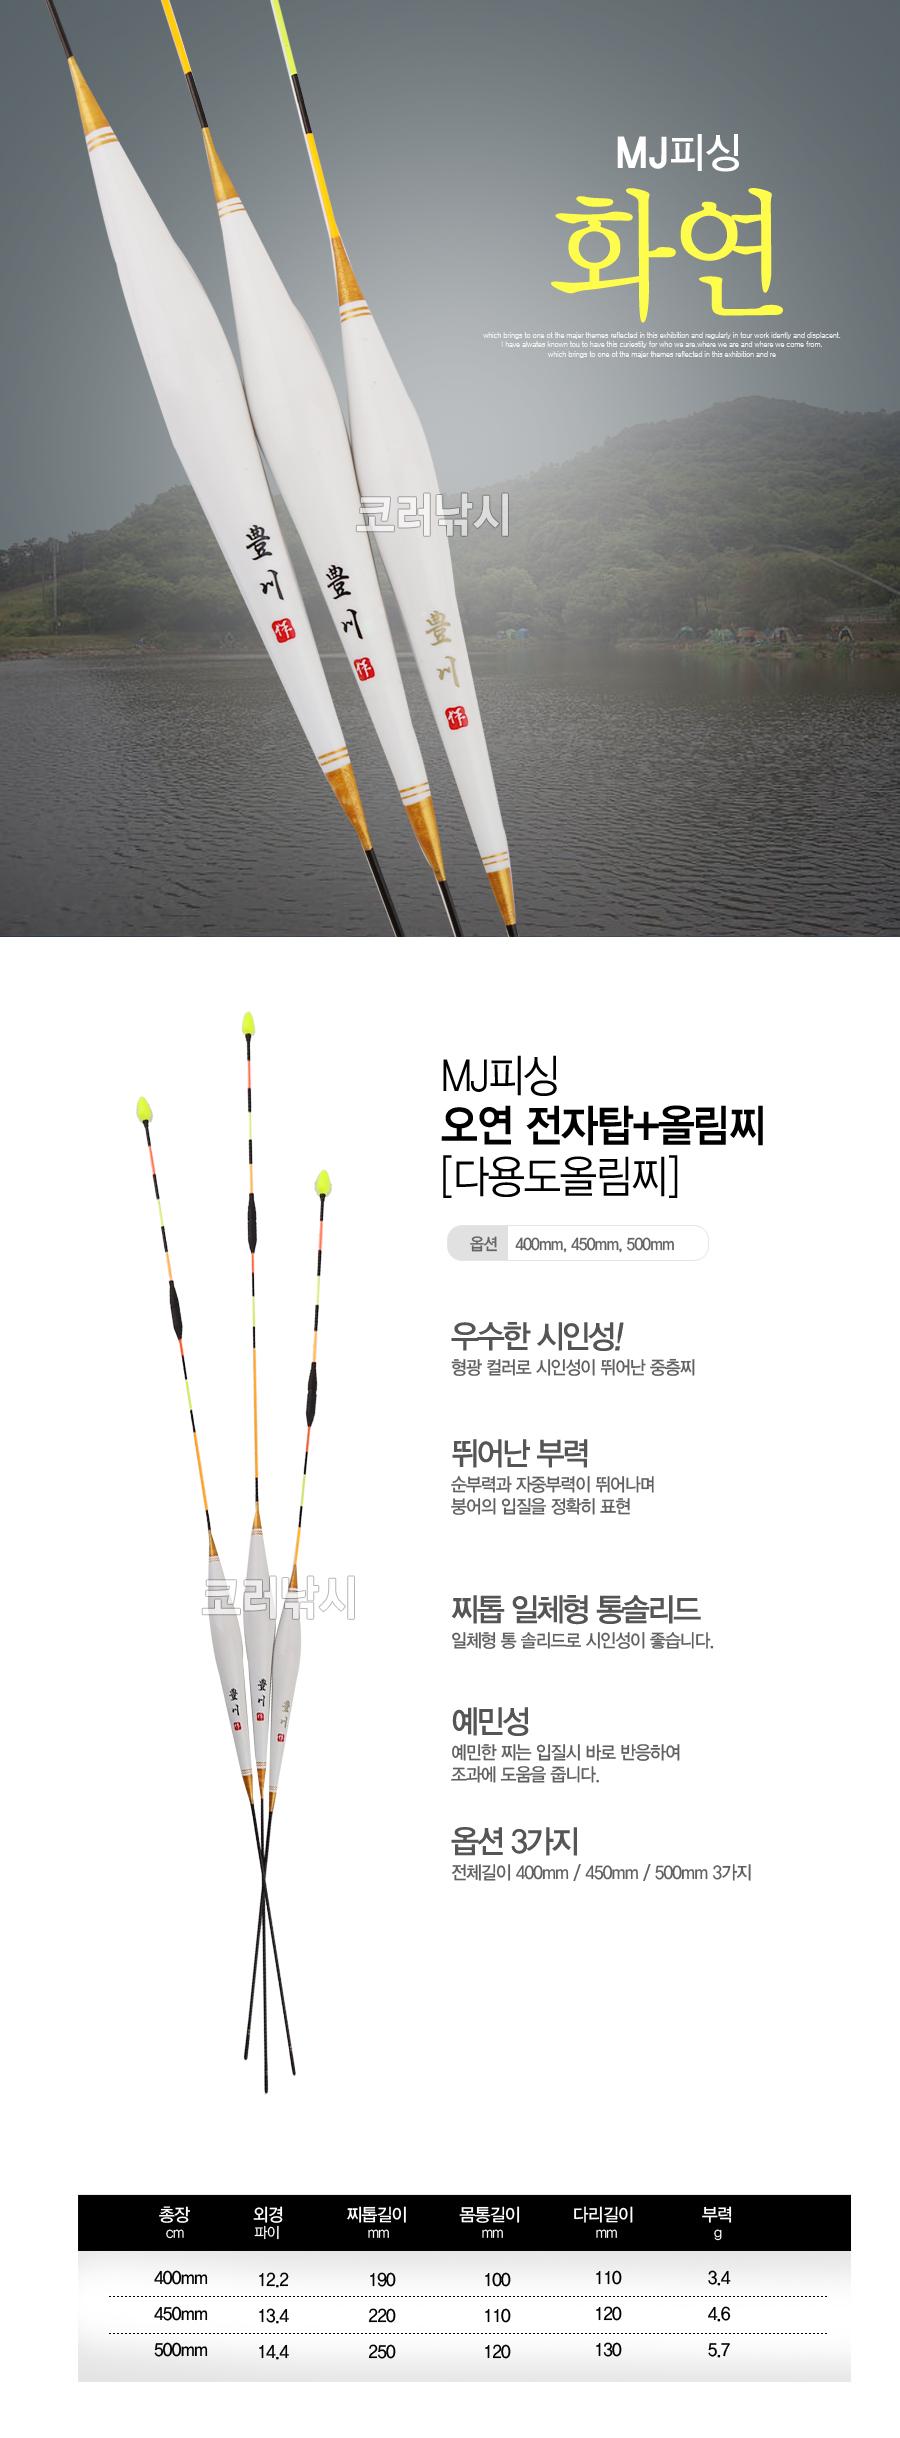 MJ피싱 화연 전자탑+올림찌 [다용도올림찌